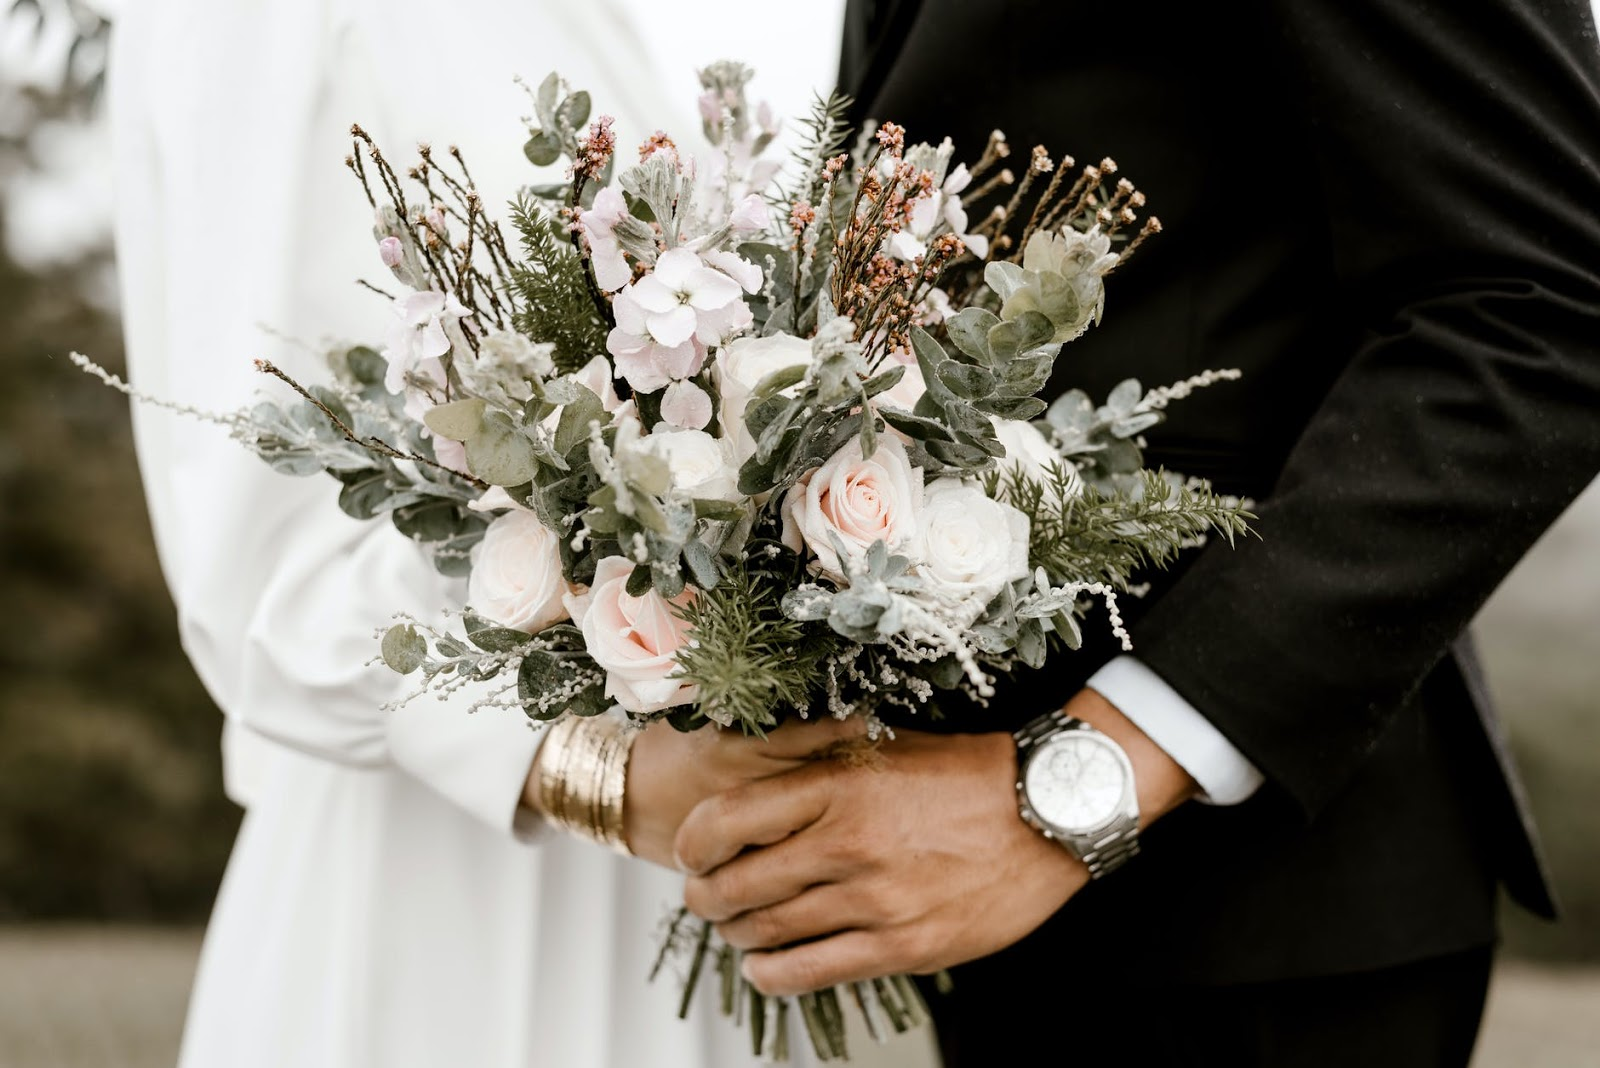 (P) Buchetul de mireasă compus din flori de primăvară. Tendințele anului 2021